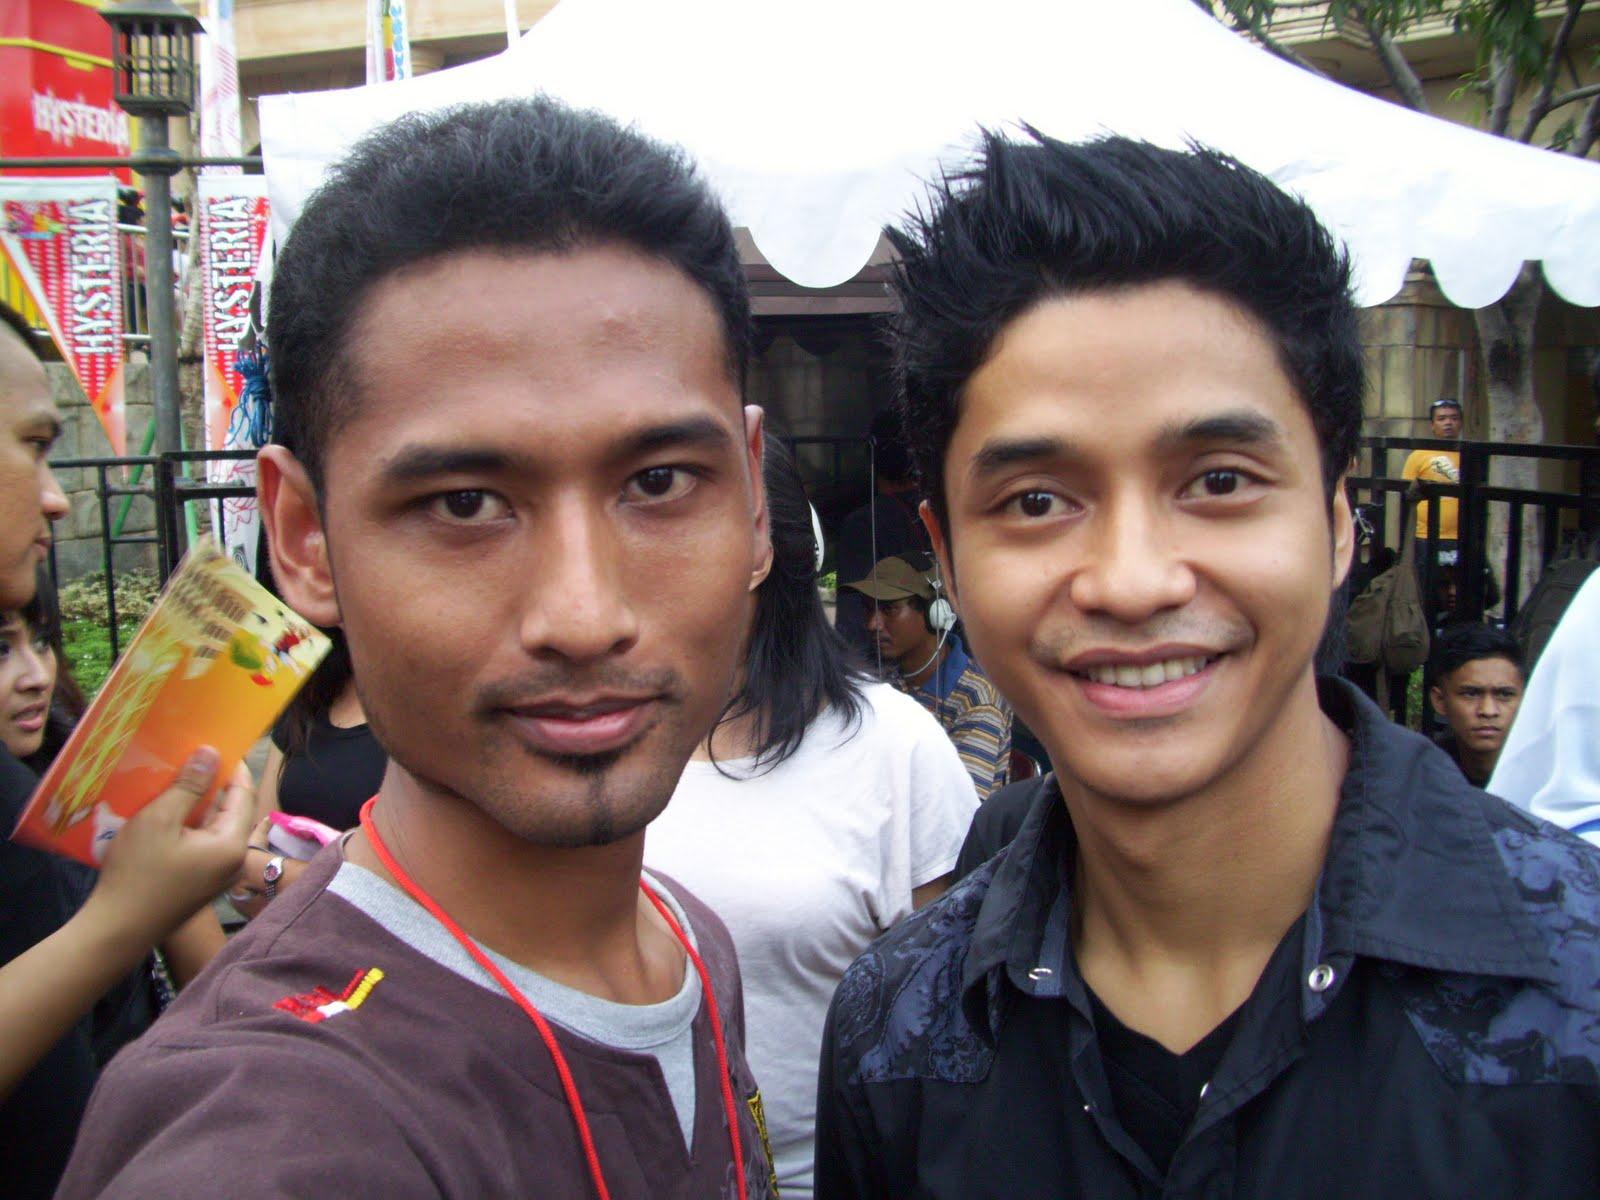 Arsip Faizal: Artist Endorse : Faizal Alfa Z. & Adly Fairuz